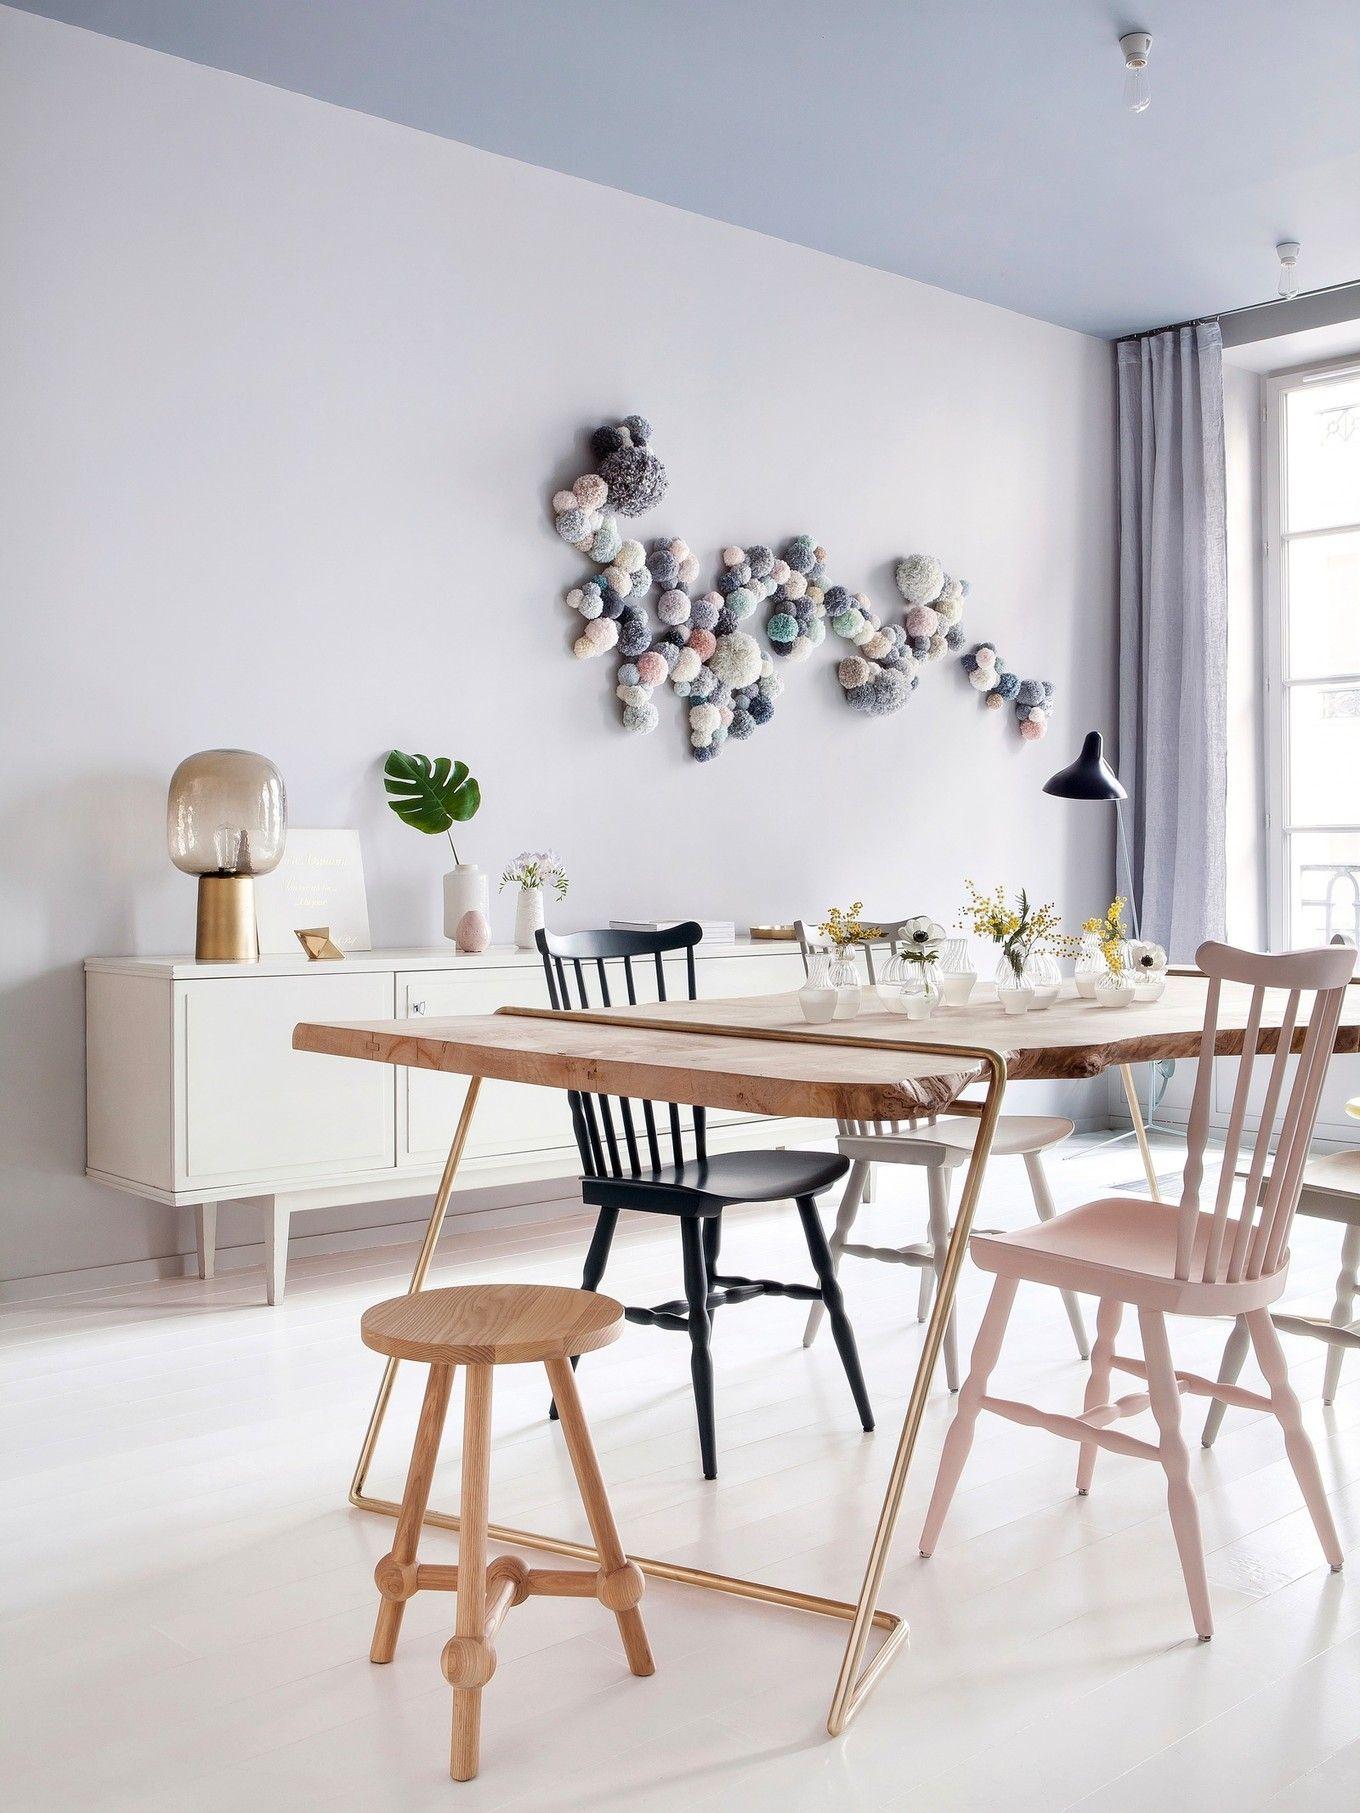 58f20de43c31de0d51acd17a0db75dfa Incroyable De Table Sejour Schème